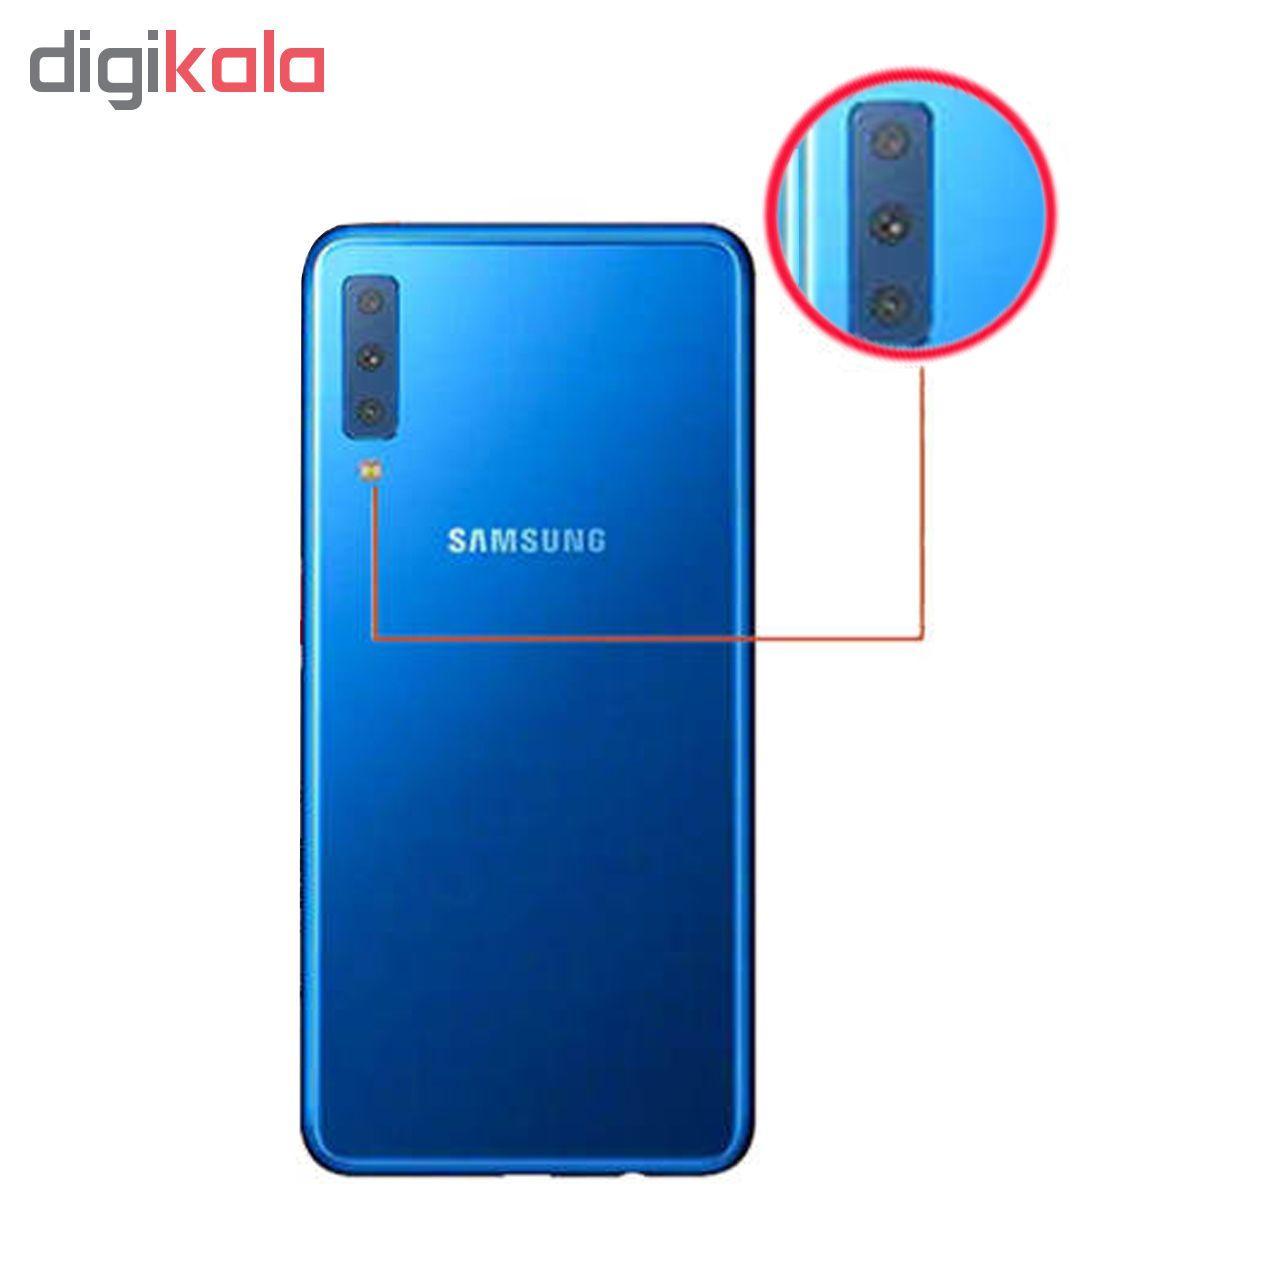 محافظ لنز دوربین مدل G-002 مناسب برای گوشی موبایل سامسونگ Galaxy A7 2018 main 1 1